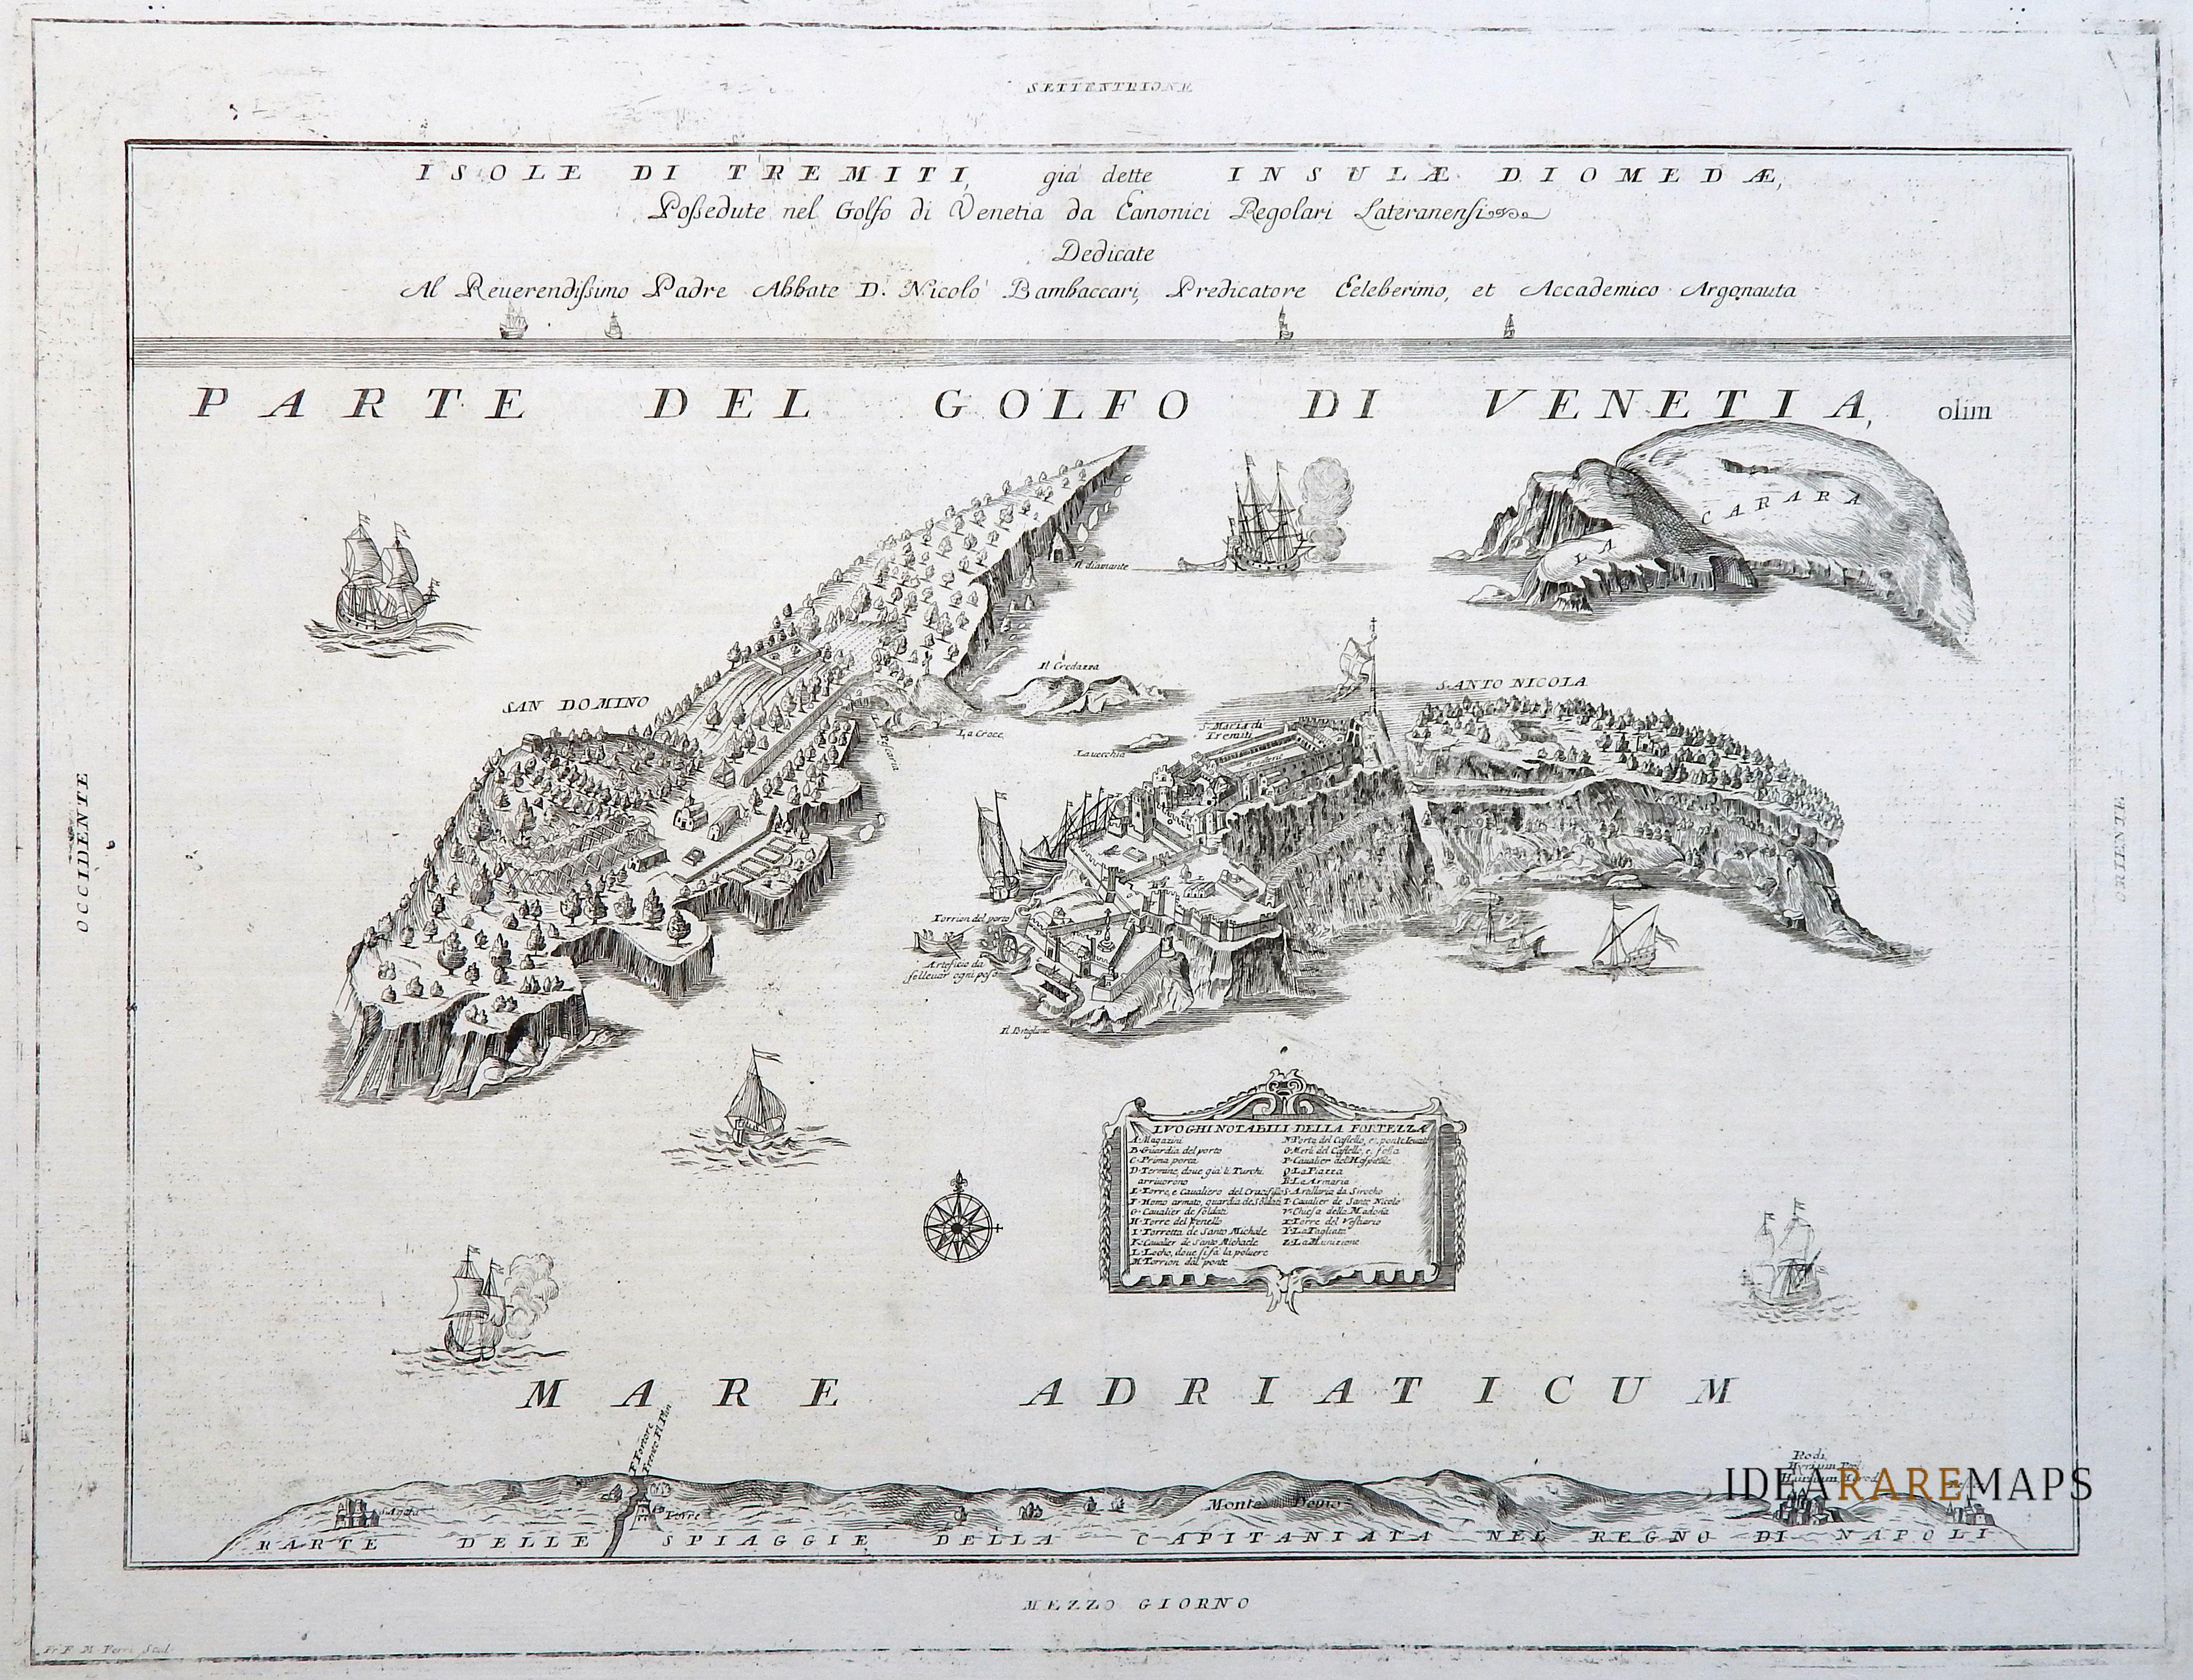 Cartina Geografica Delle Isole Tremiti.Puglia Gargano Antica Mappa Delle Isole Tremiti